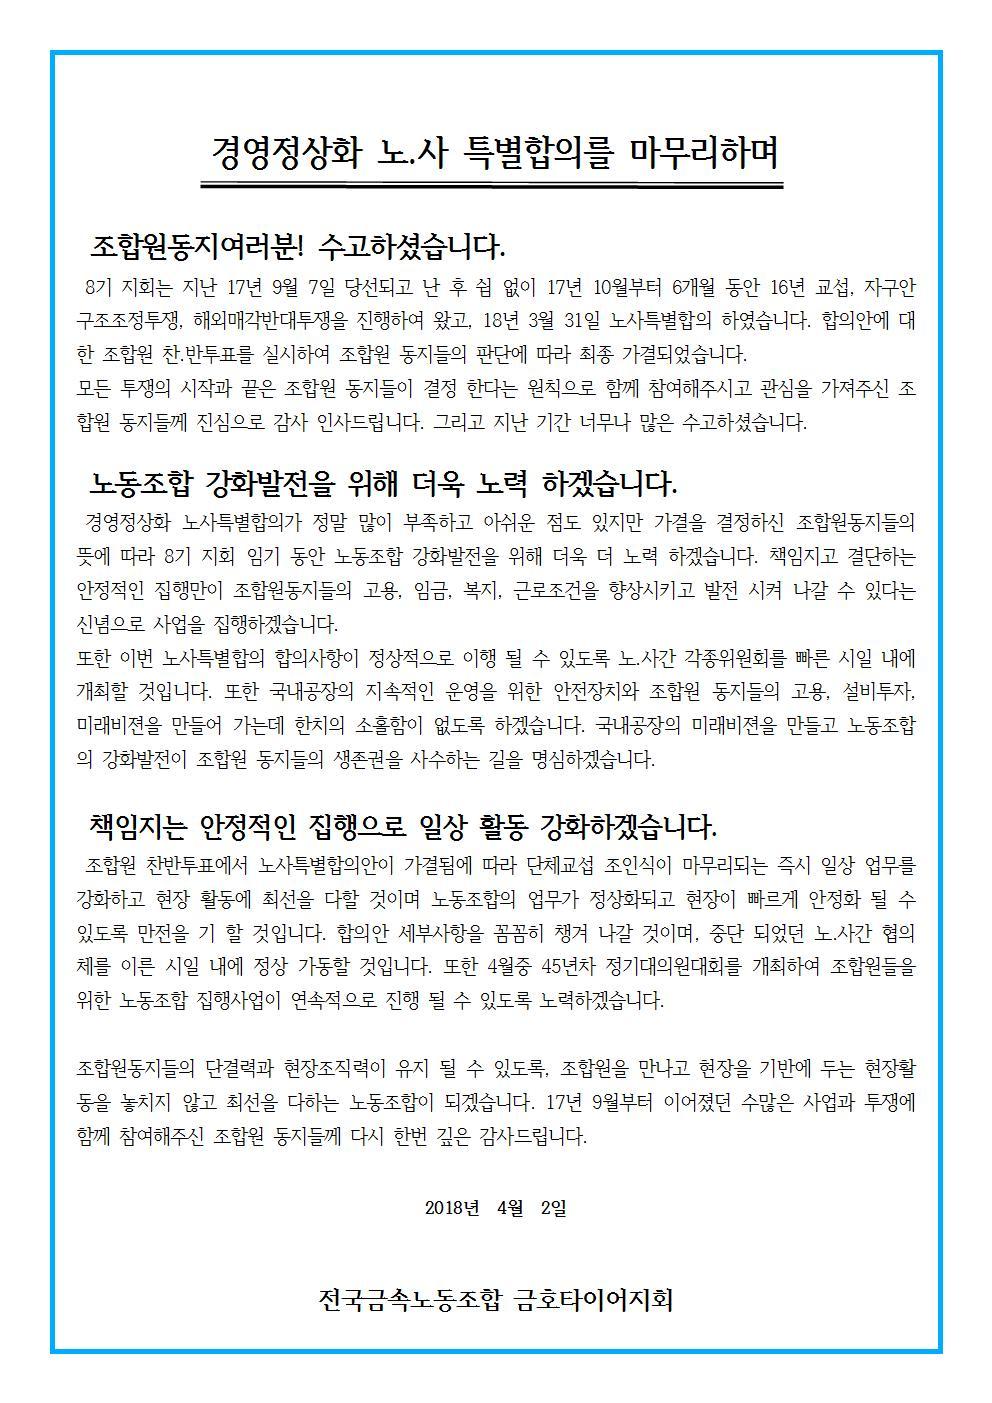 노사특별합의를 마무리하며001.jpg